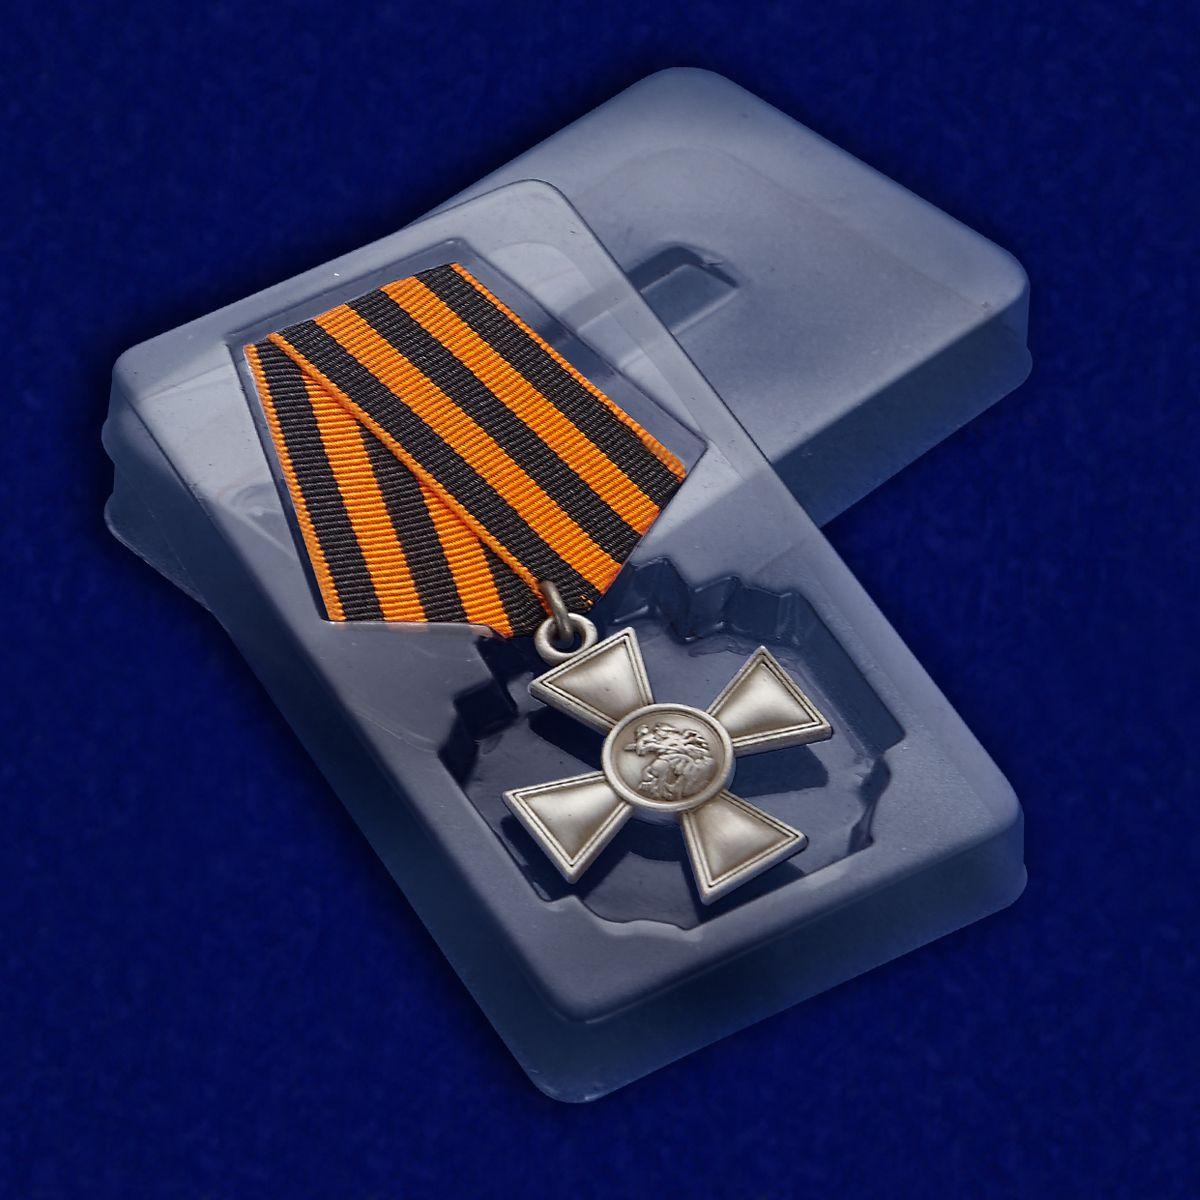 Георгиевский крест IV степени - в футляре